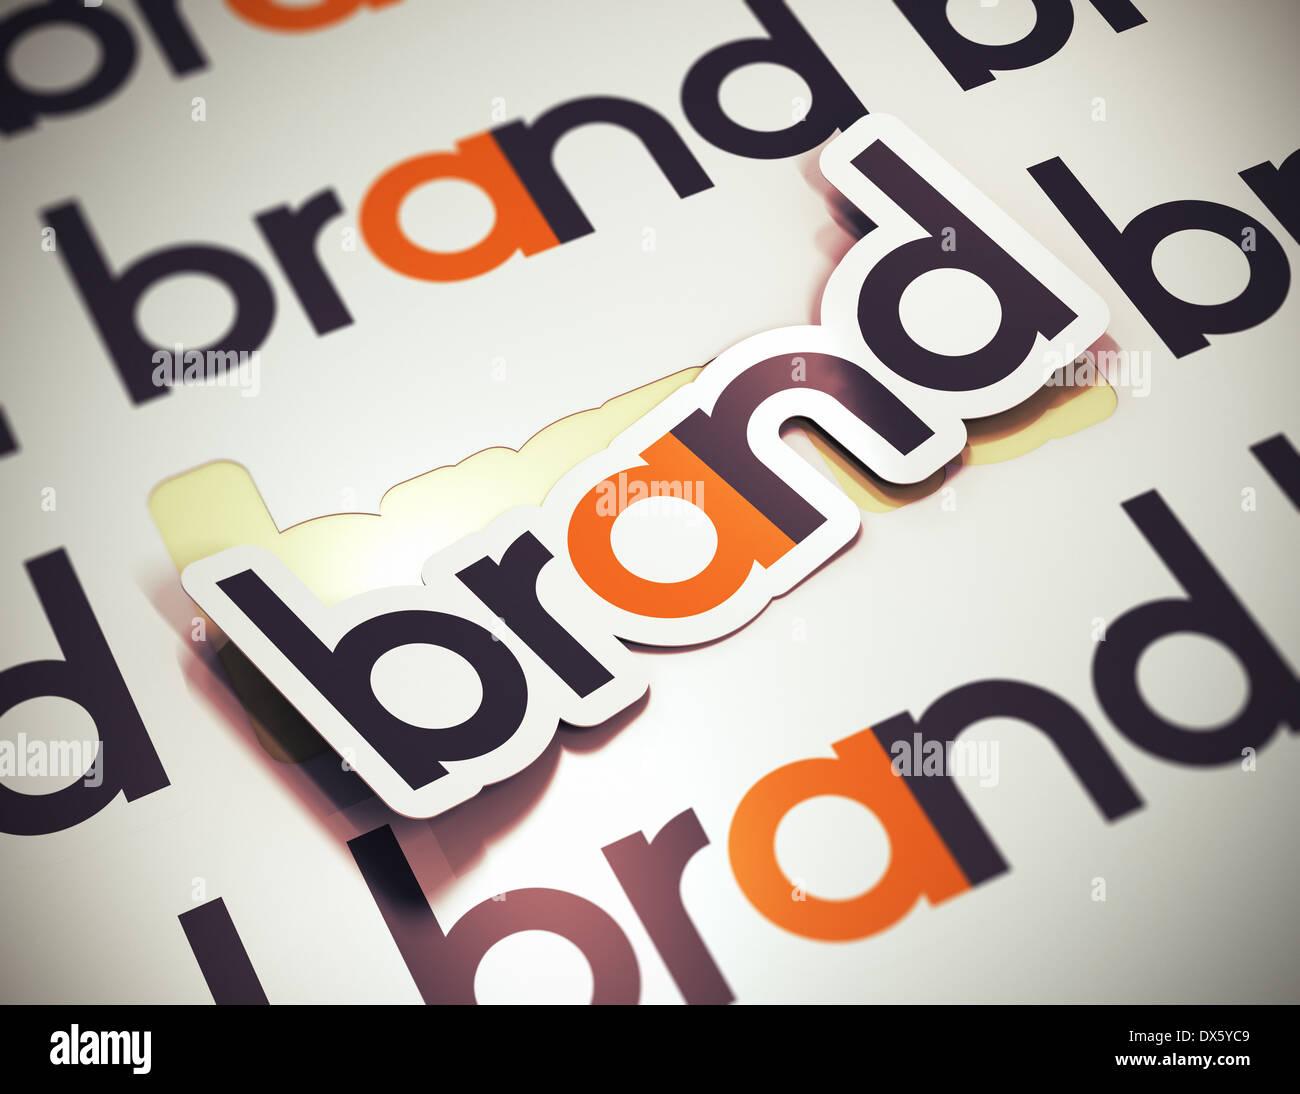 Etichetta con il marchio di parola su un sfondo beige. nome di marca concetto. l'immagine è un rendering 3D con effetto di sfocatura Immagini Stock